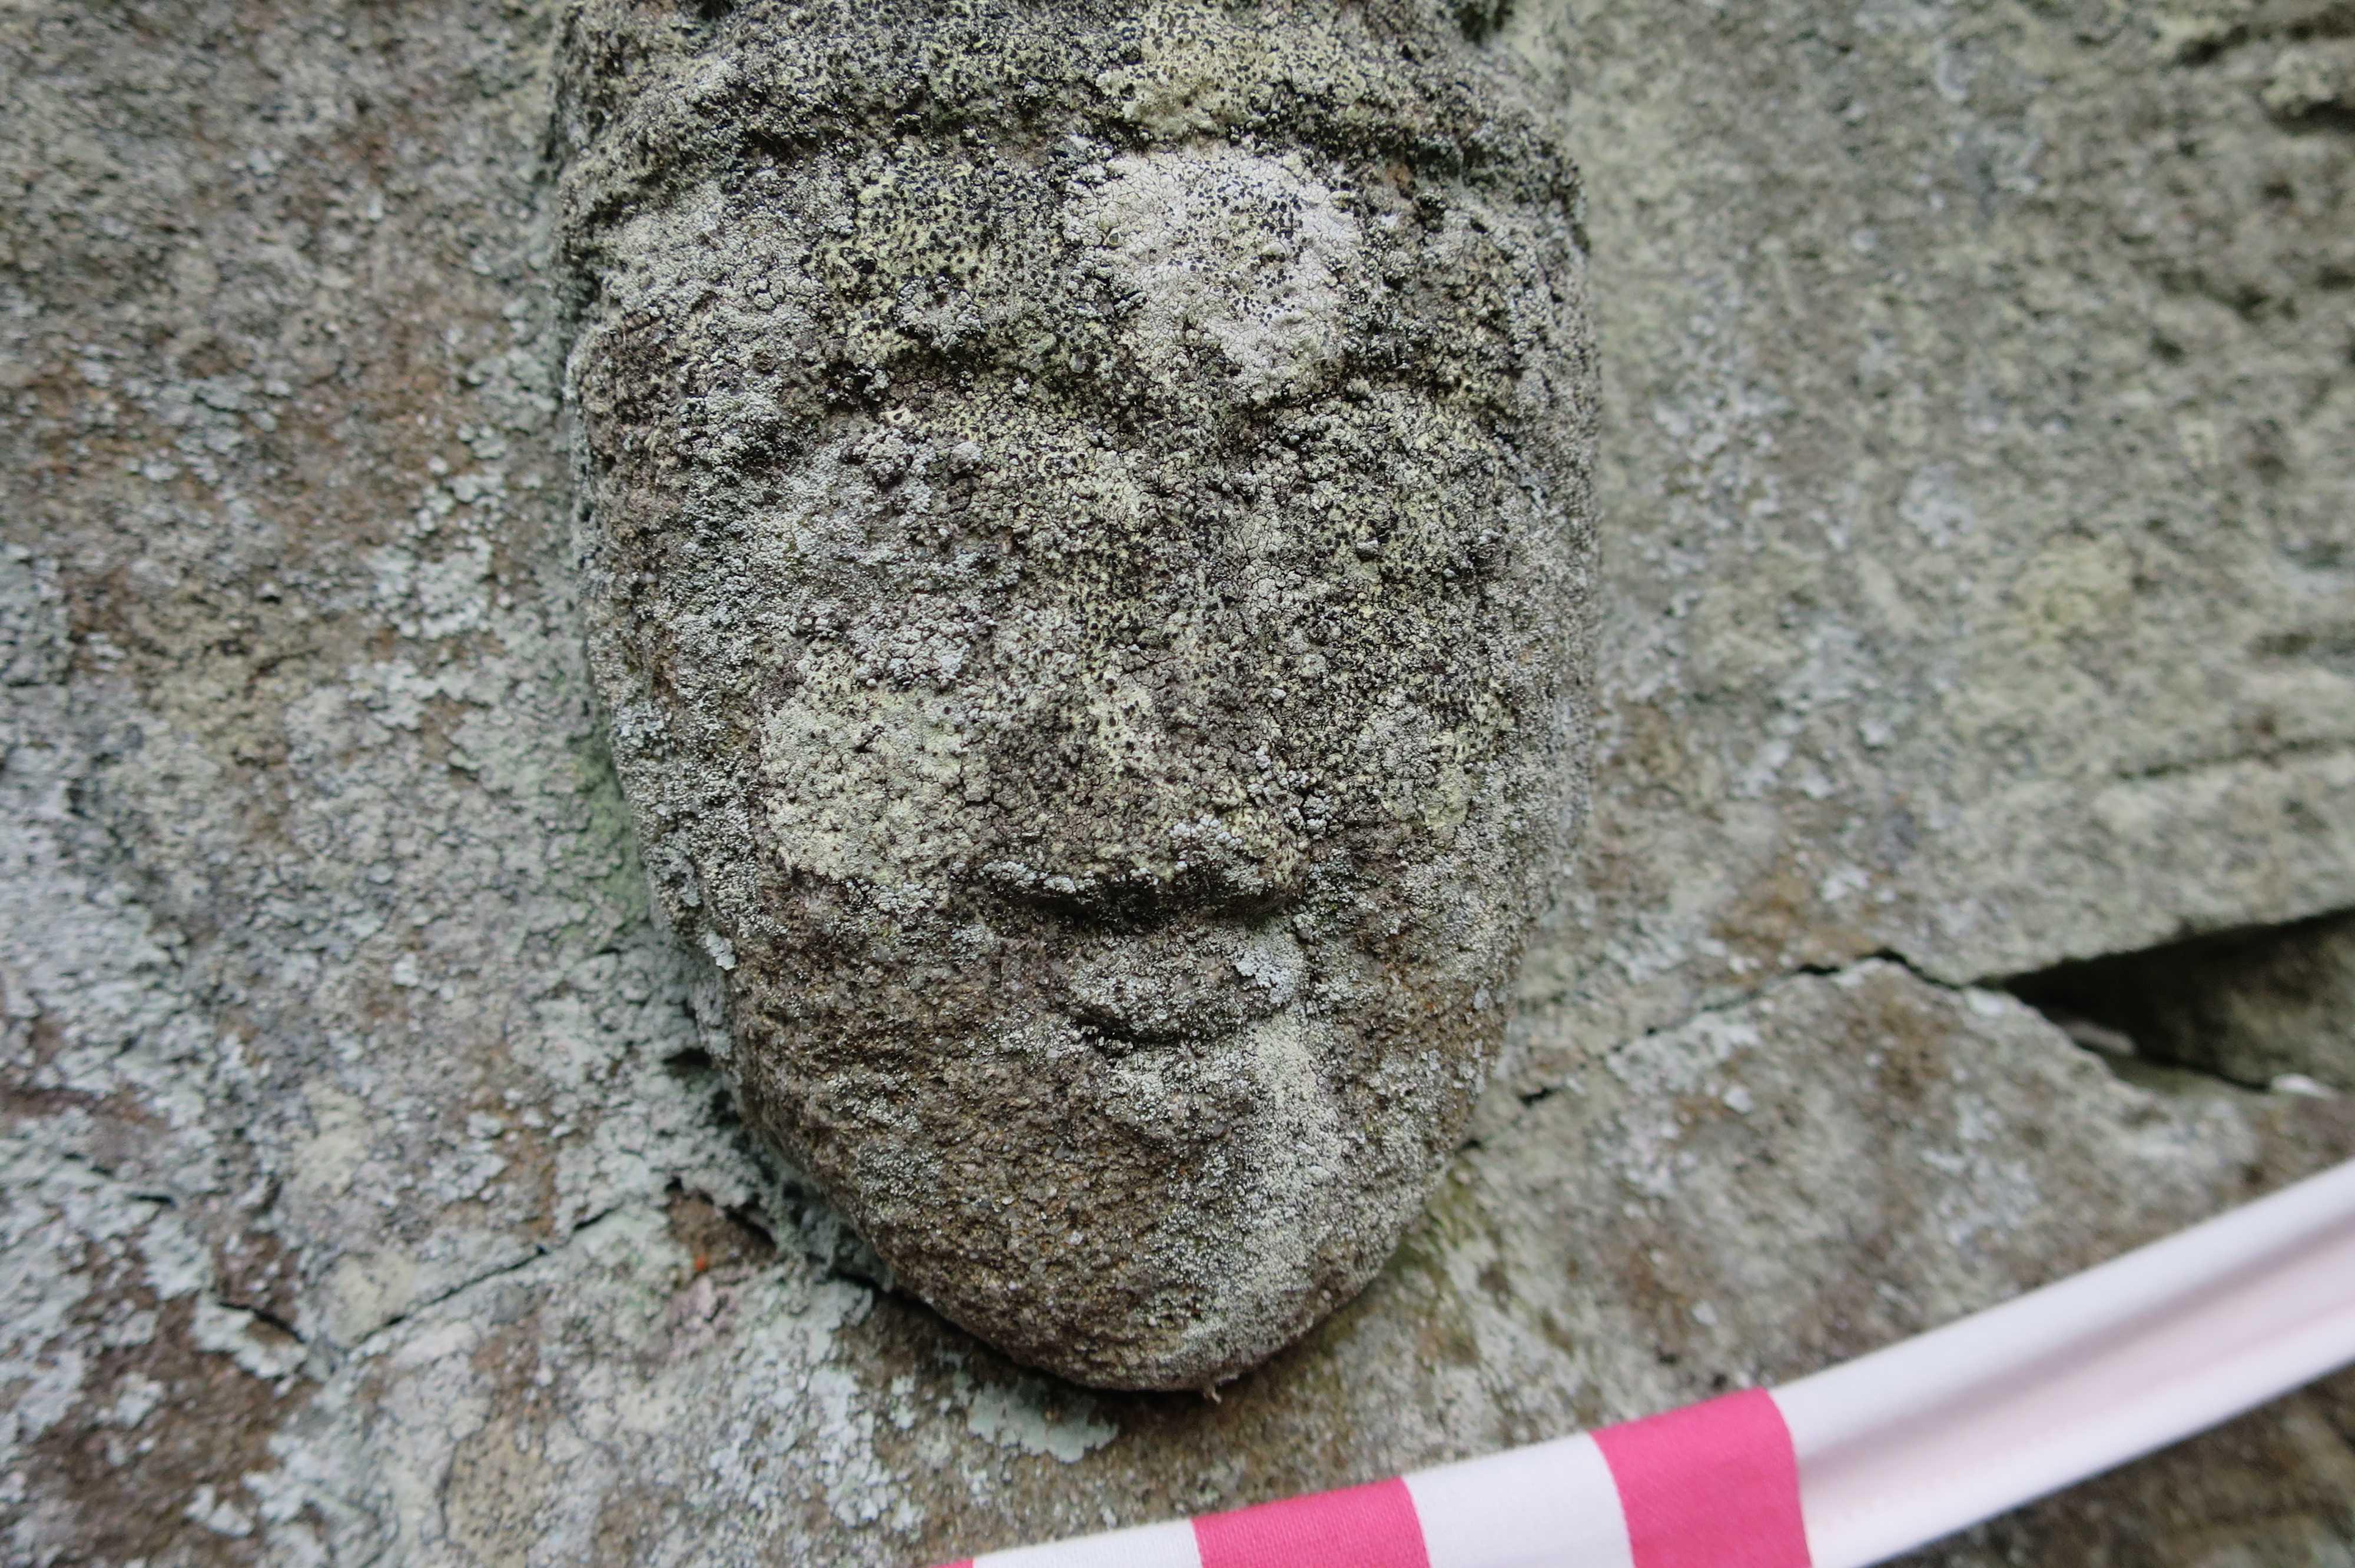 実に良い表情の石仏 - 奥の院捨身ヶ嶽禅定